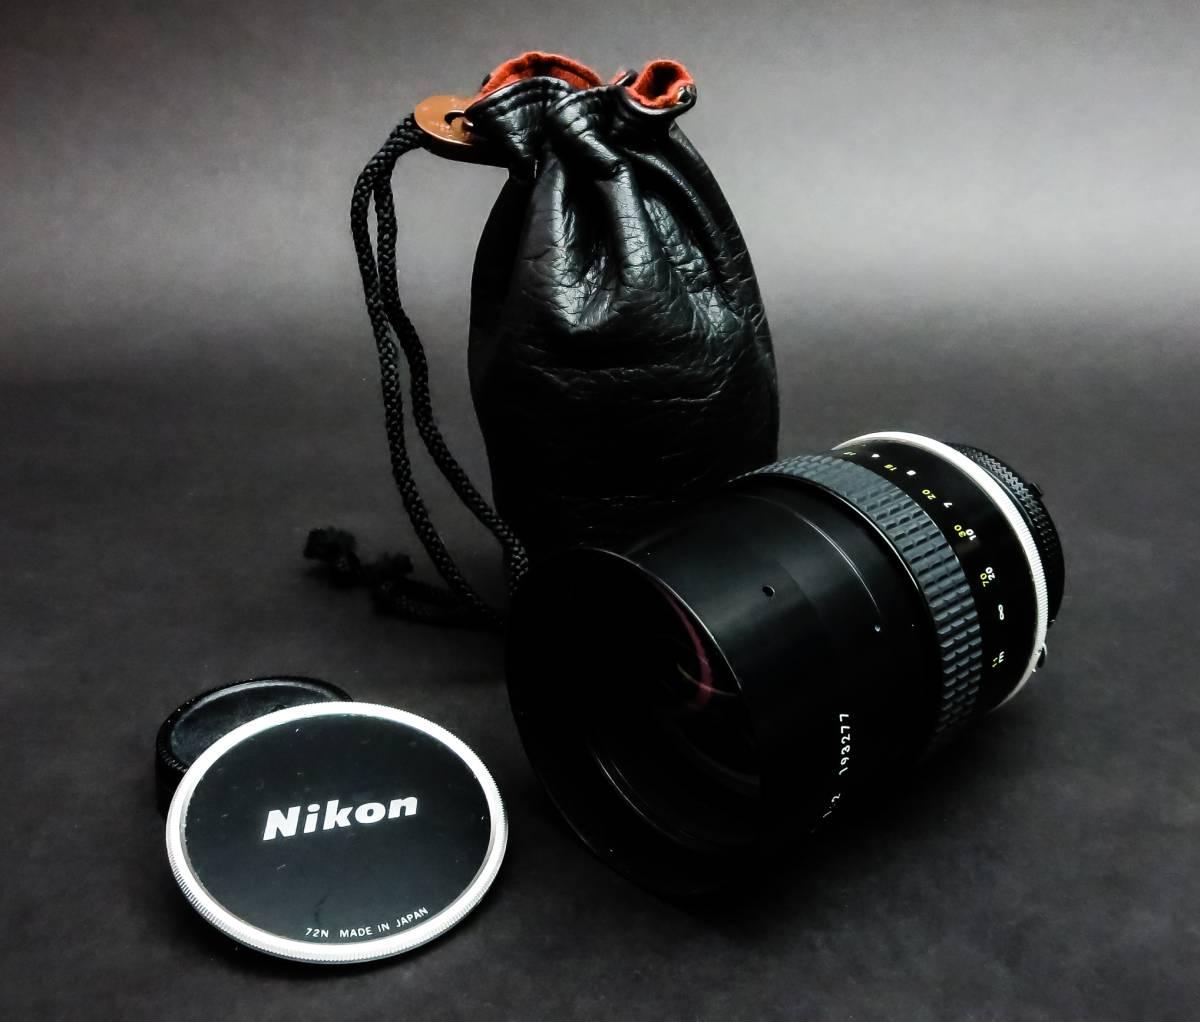 【Nikon オールド レンズ】ニコン カメラレンズ NIKKOR 135mm 1:2 193277 72N MADE IN JAPAN